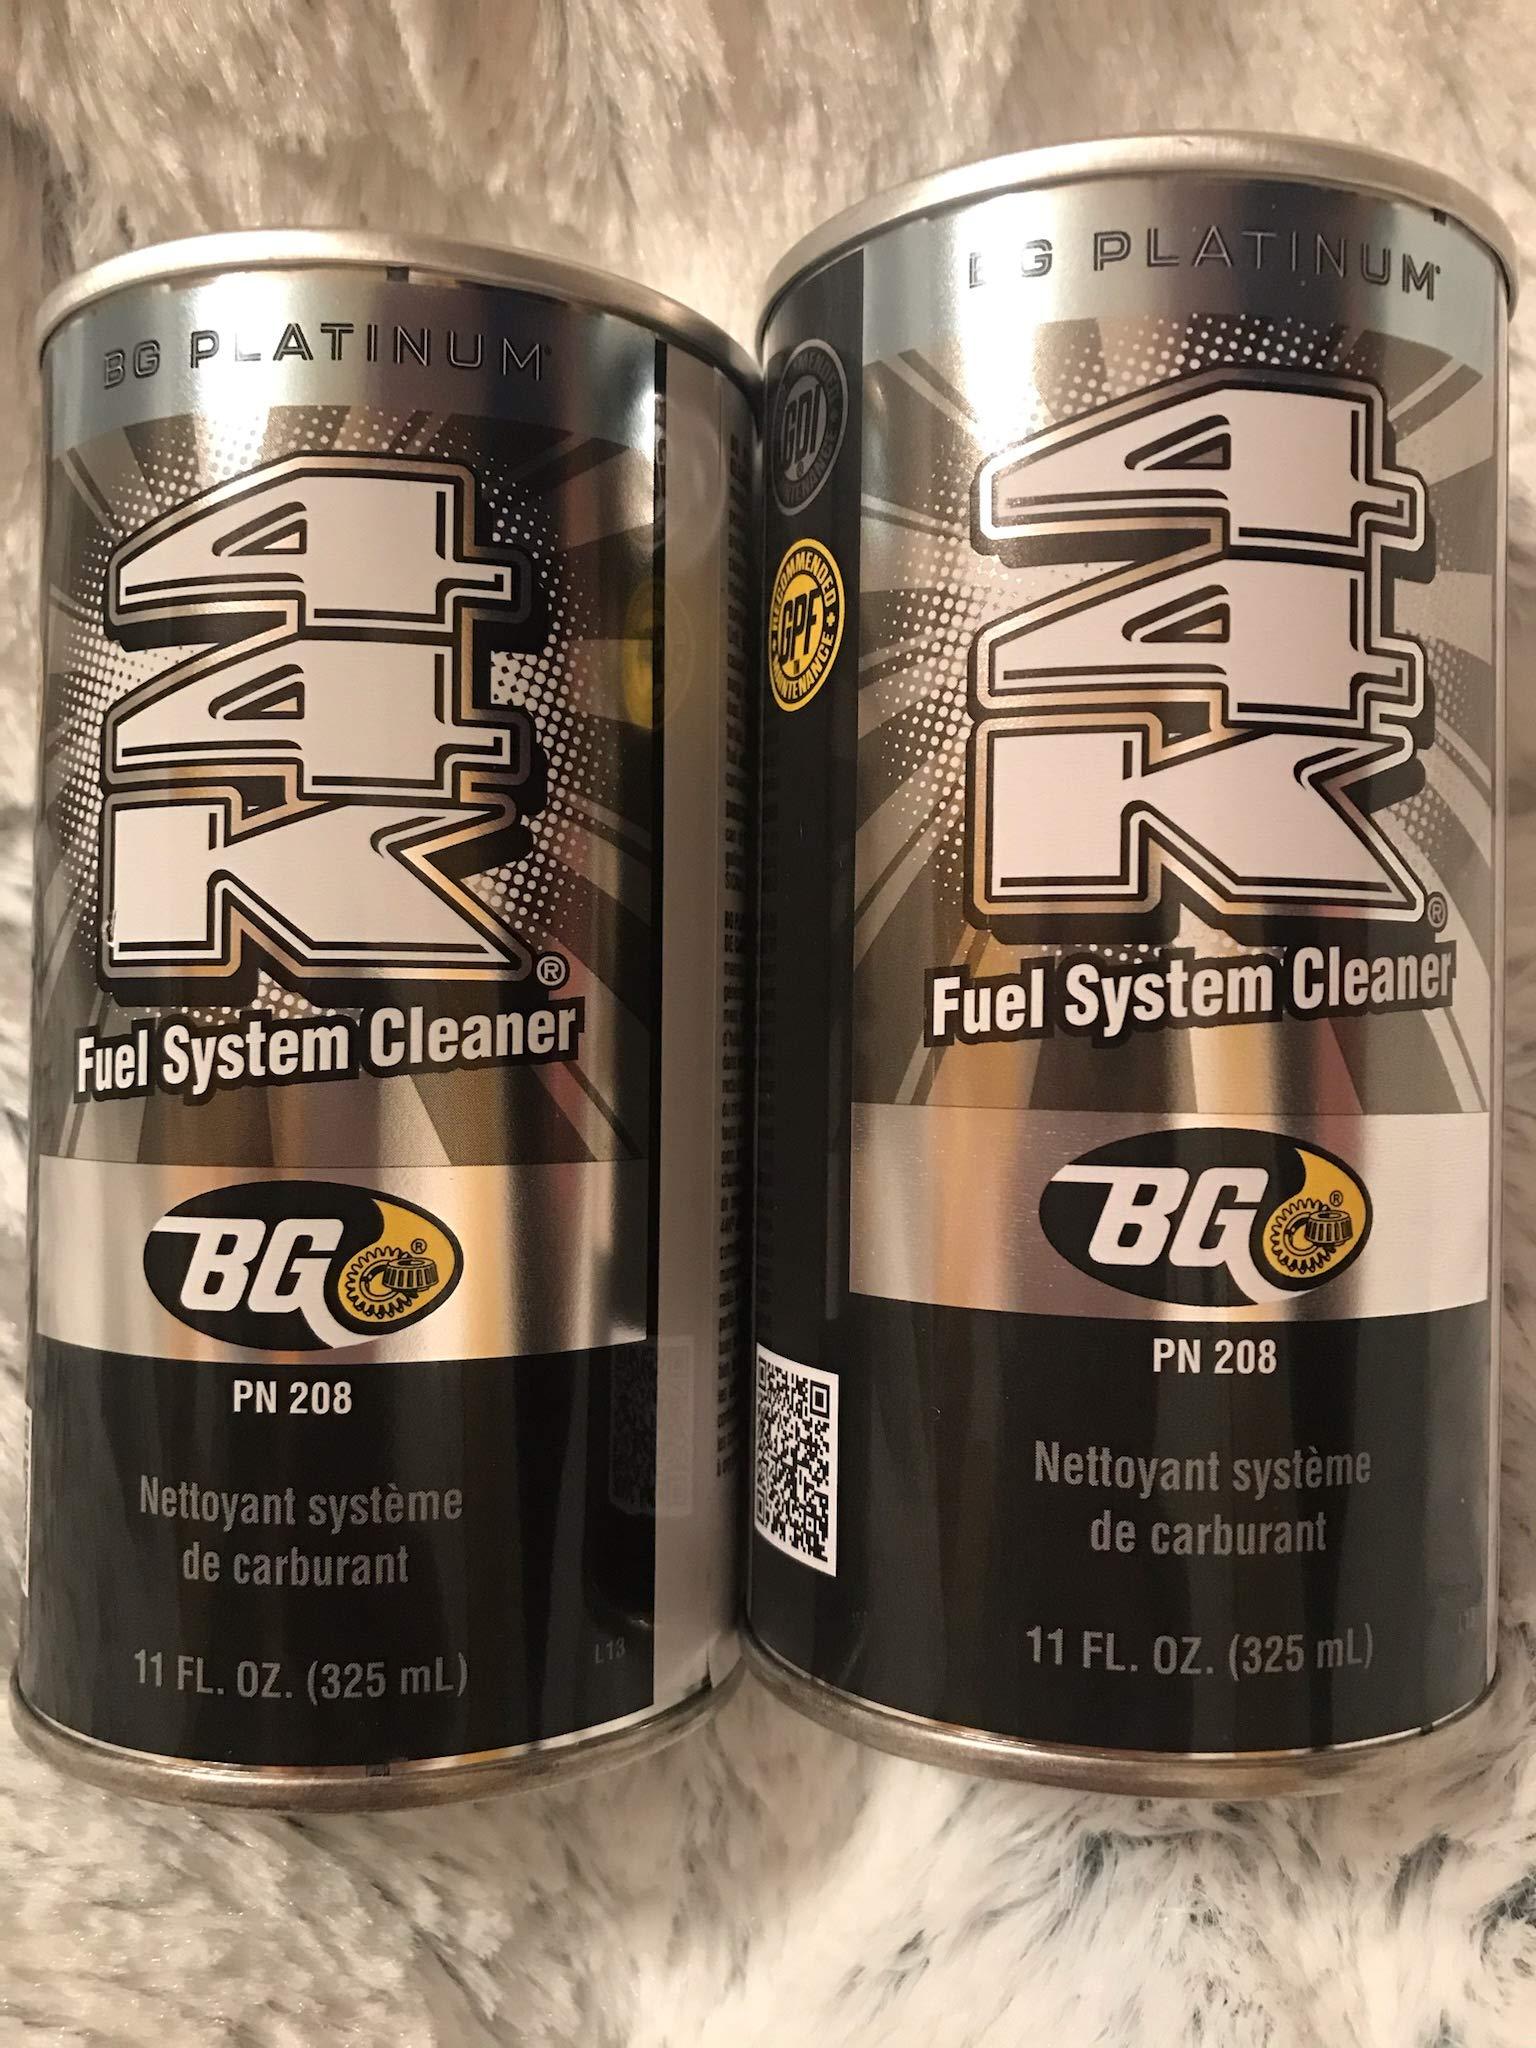 2 cans of New BG 44K Platinum